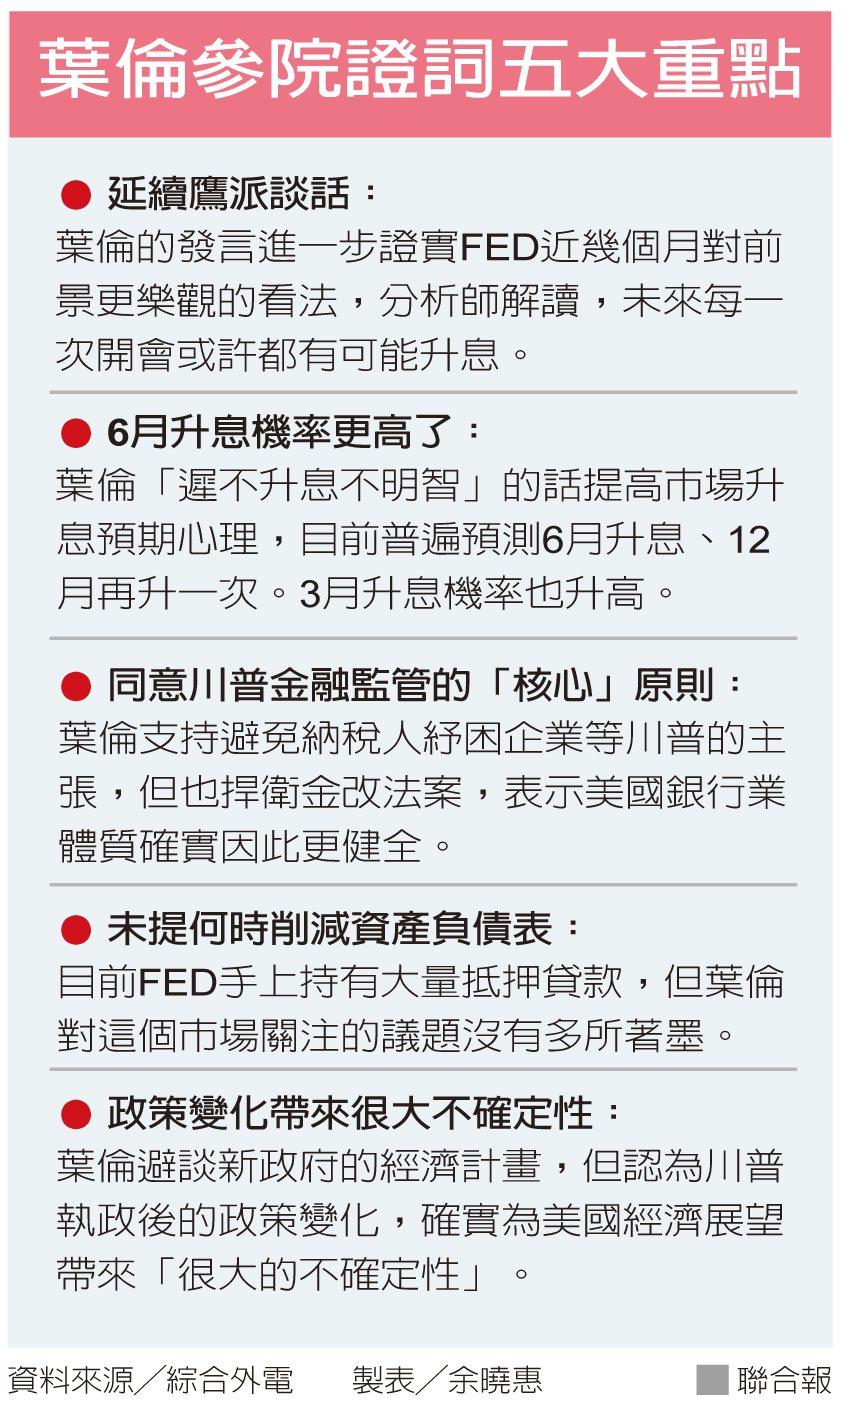 葉倫參院證詞五大重點資料來源/綜合外電 製表/余曉惠